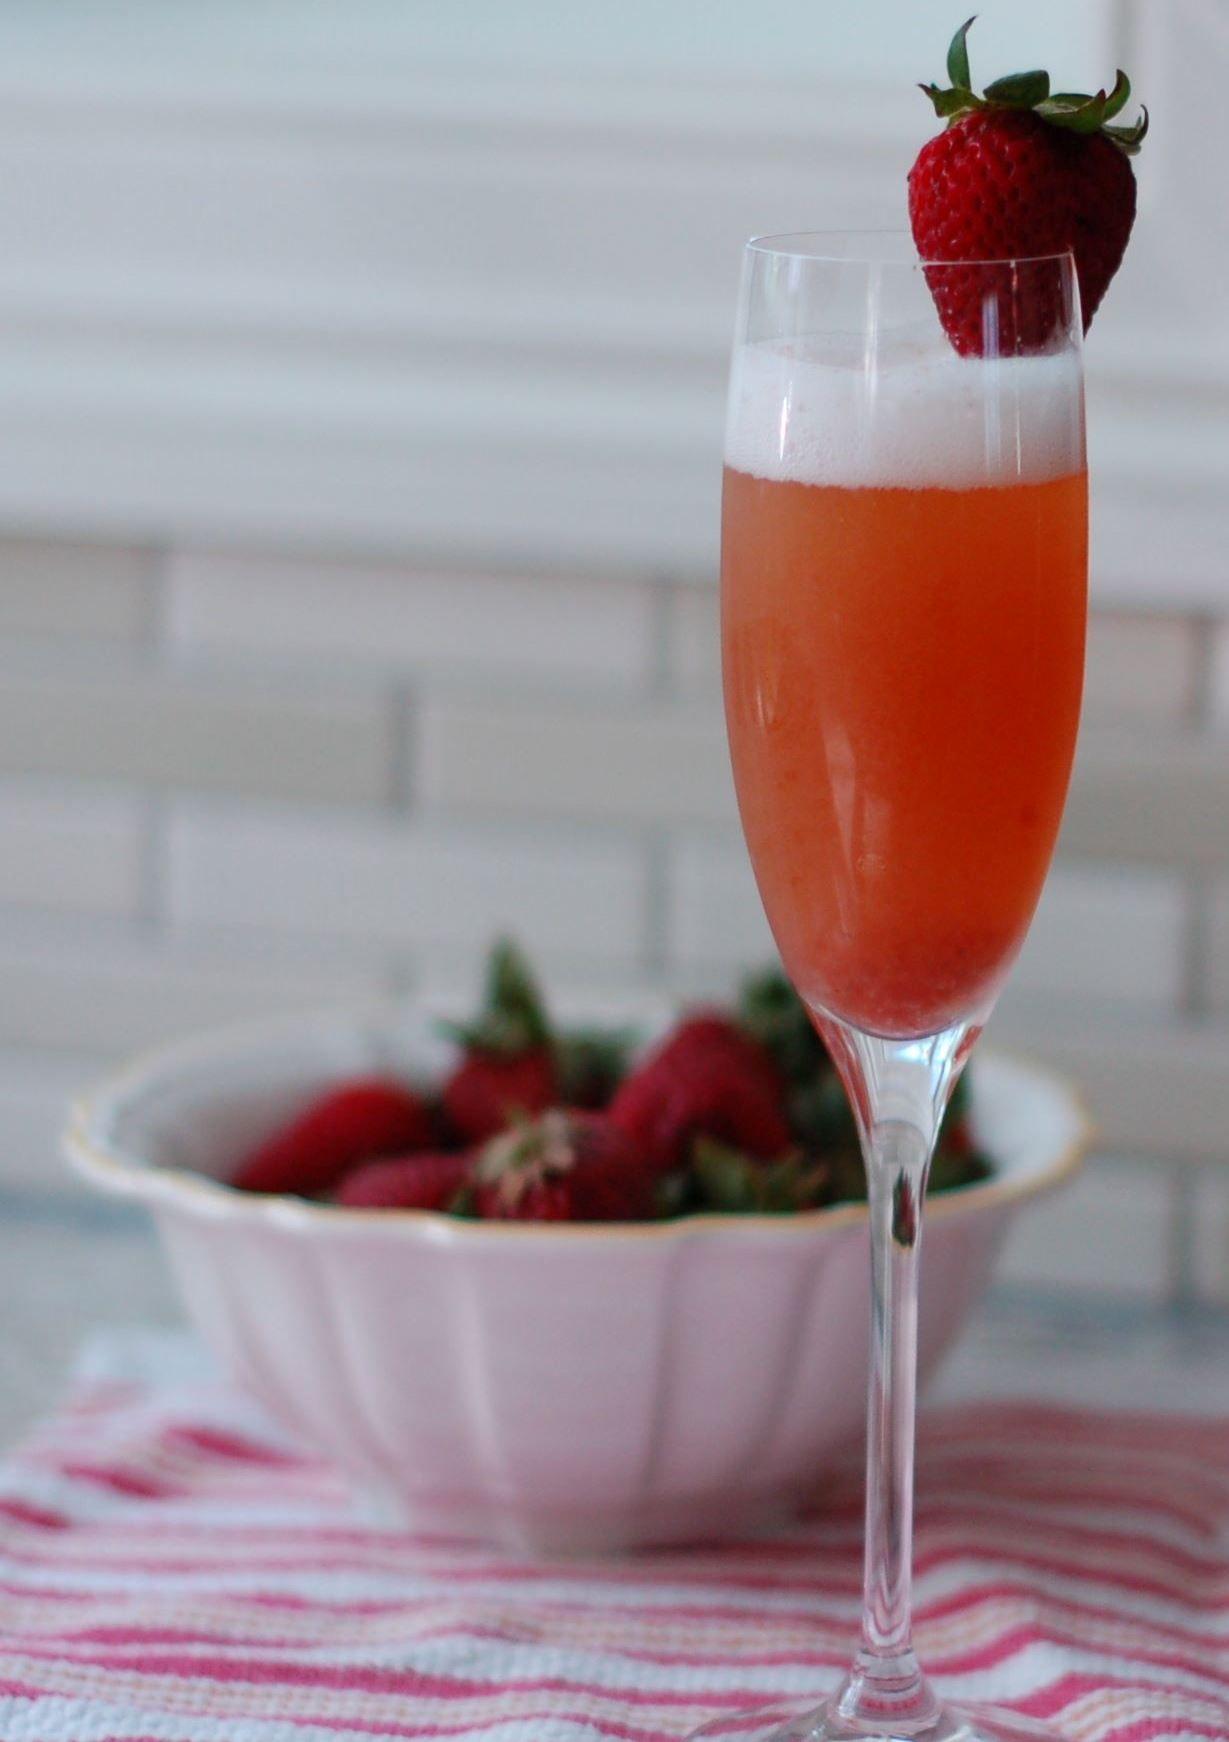 Mimosa De Fresa Receta Receta De Mimosa Cocteles Con Champagne Tragos Refrescantes